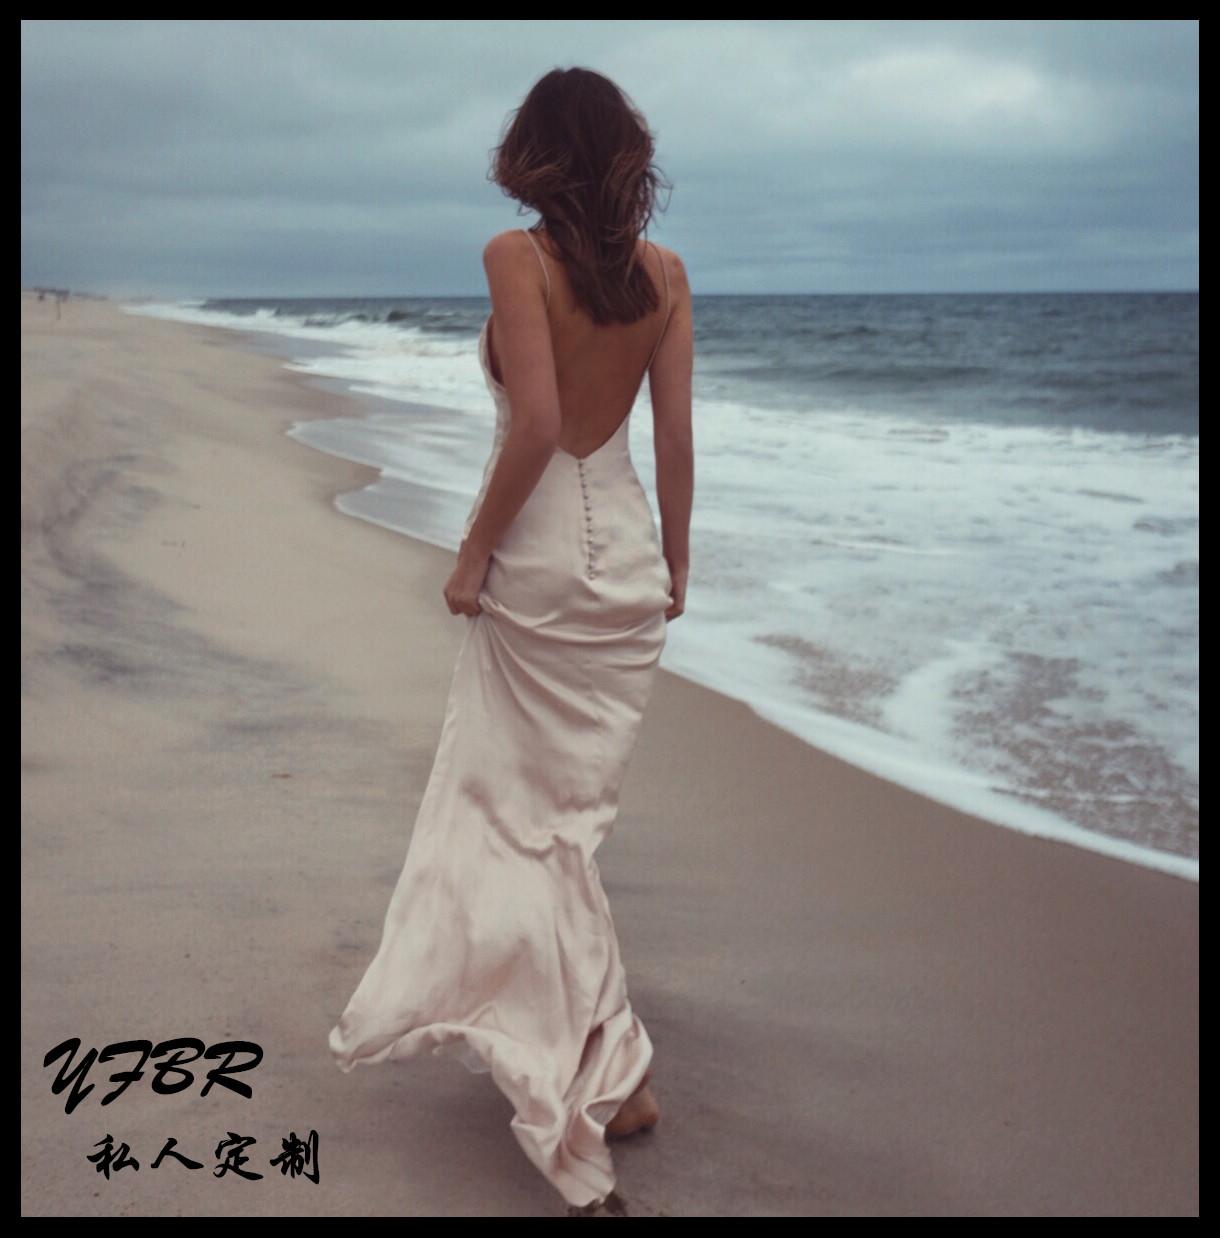 欧美性感深V领吊带露背拖地长裙旅拍连衣裙海边度假沙滩裙轻婚纱